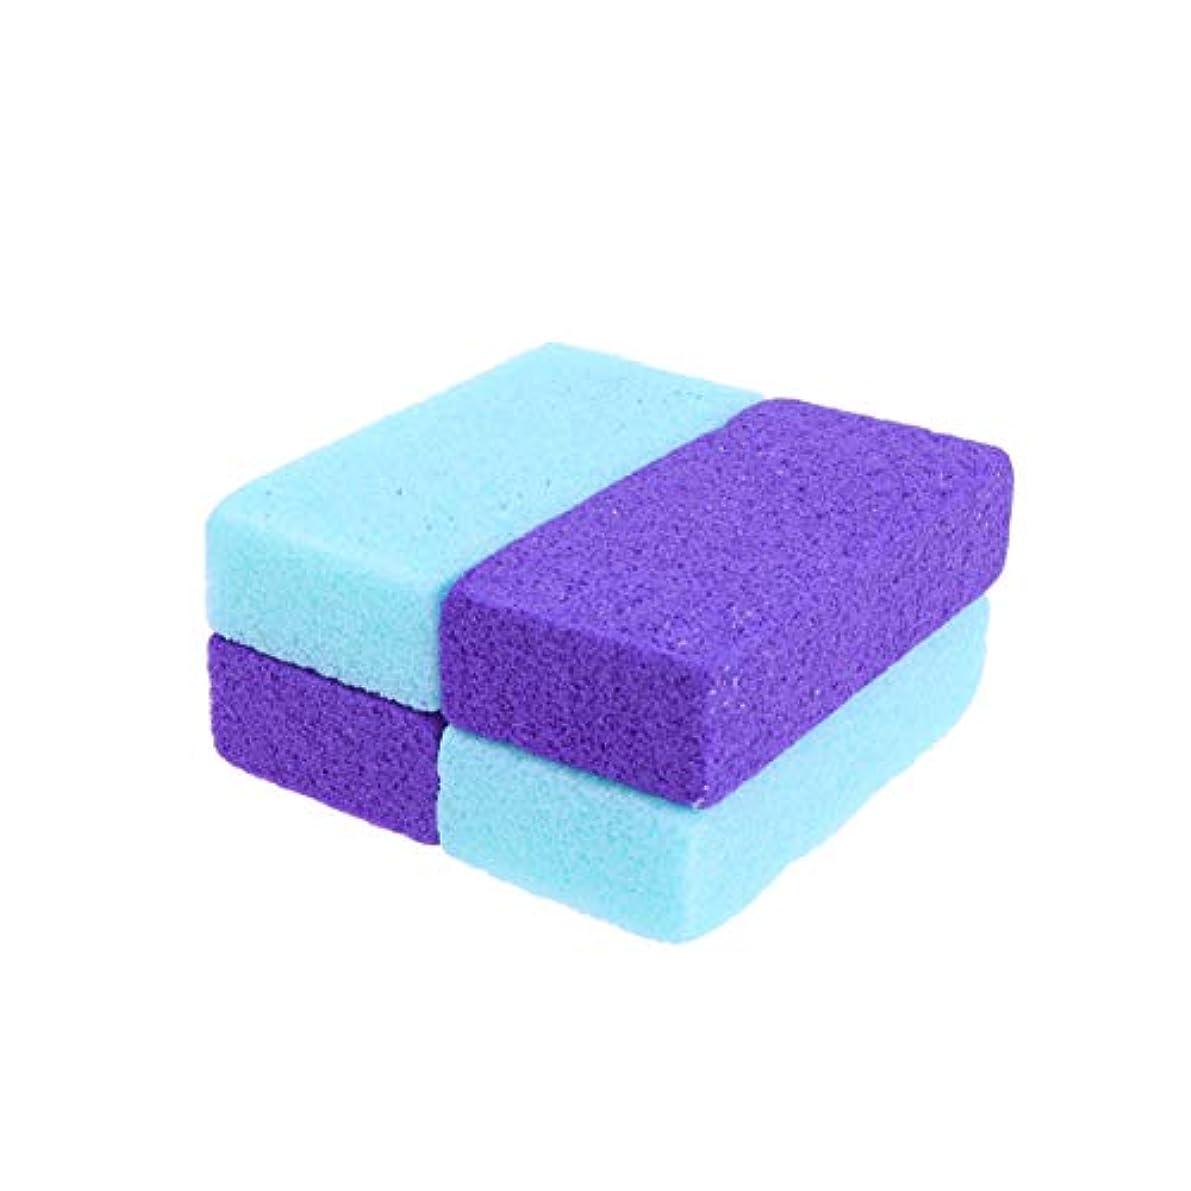 作動する移植サンダースSUPVOX 4ピース軽石石カルスリムーバー用足かかとペディキュア剥離自然足ファイル剥離ツール手ボディ